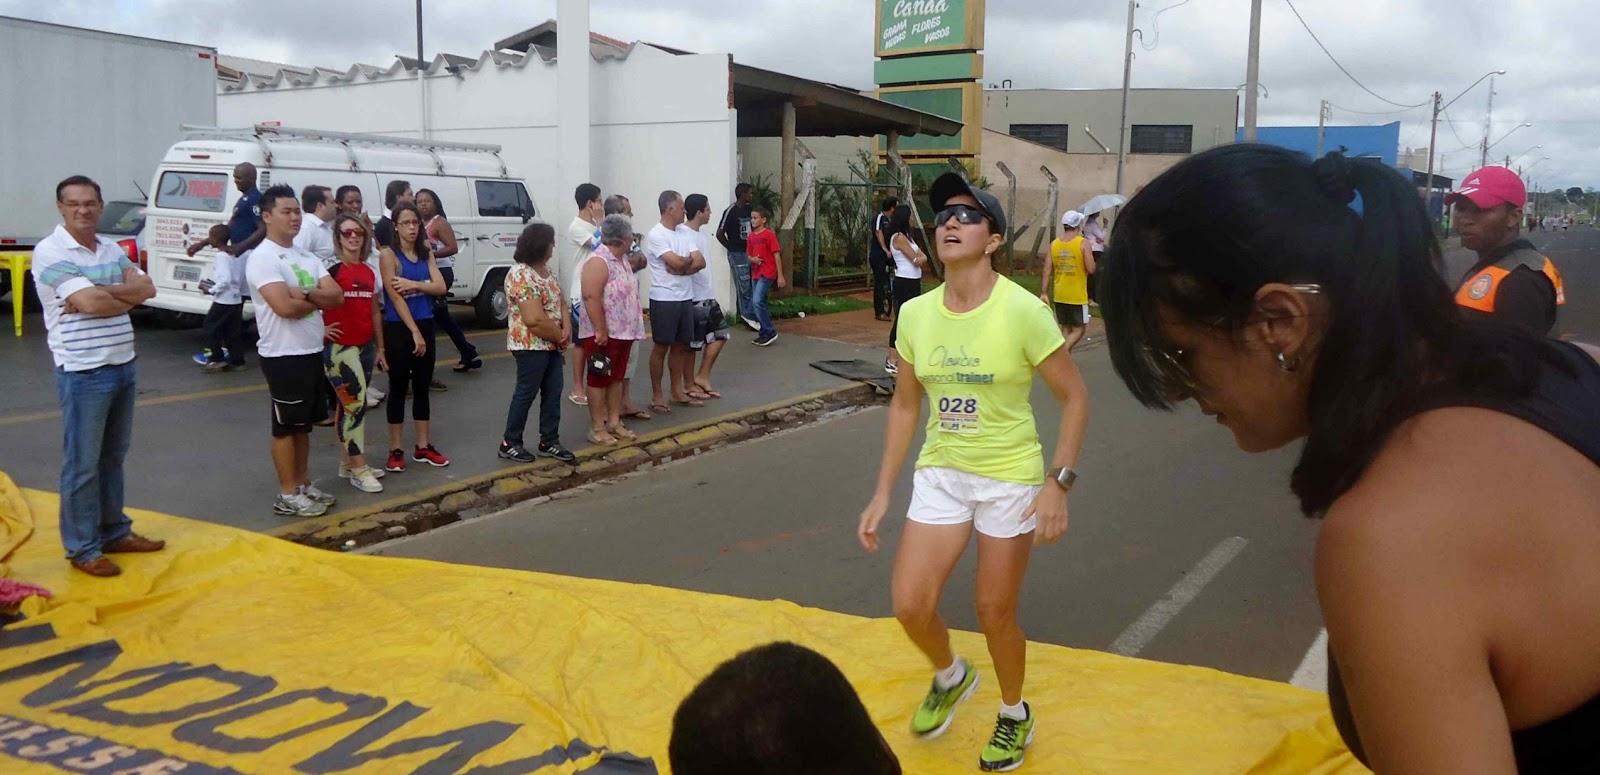 Foto 138 da 1ª Corrida Av. dos Coqueiros em Barretos-SP 14/04/2013 – Atletas cruzando a linha de chegada